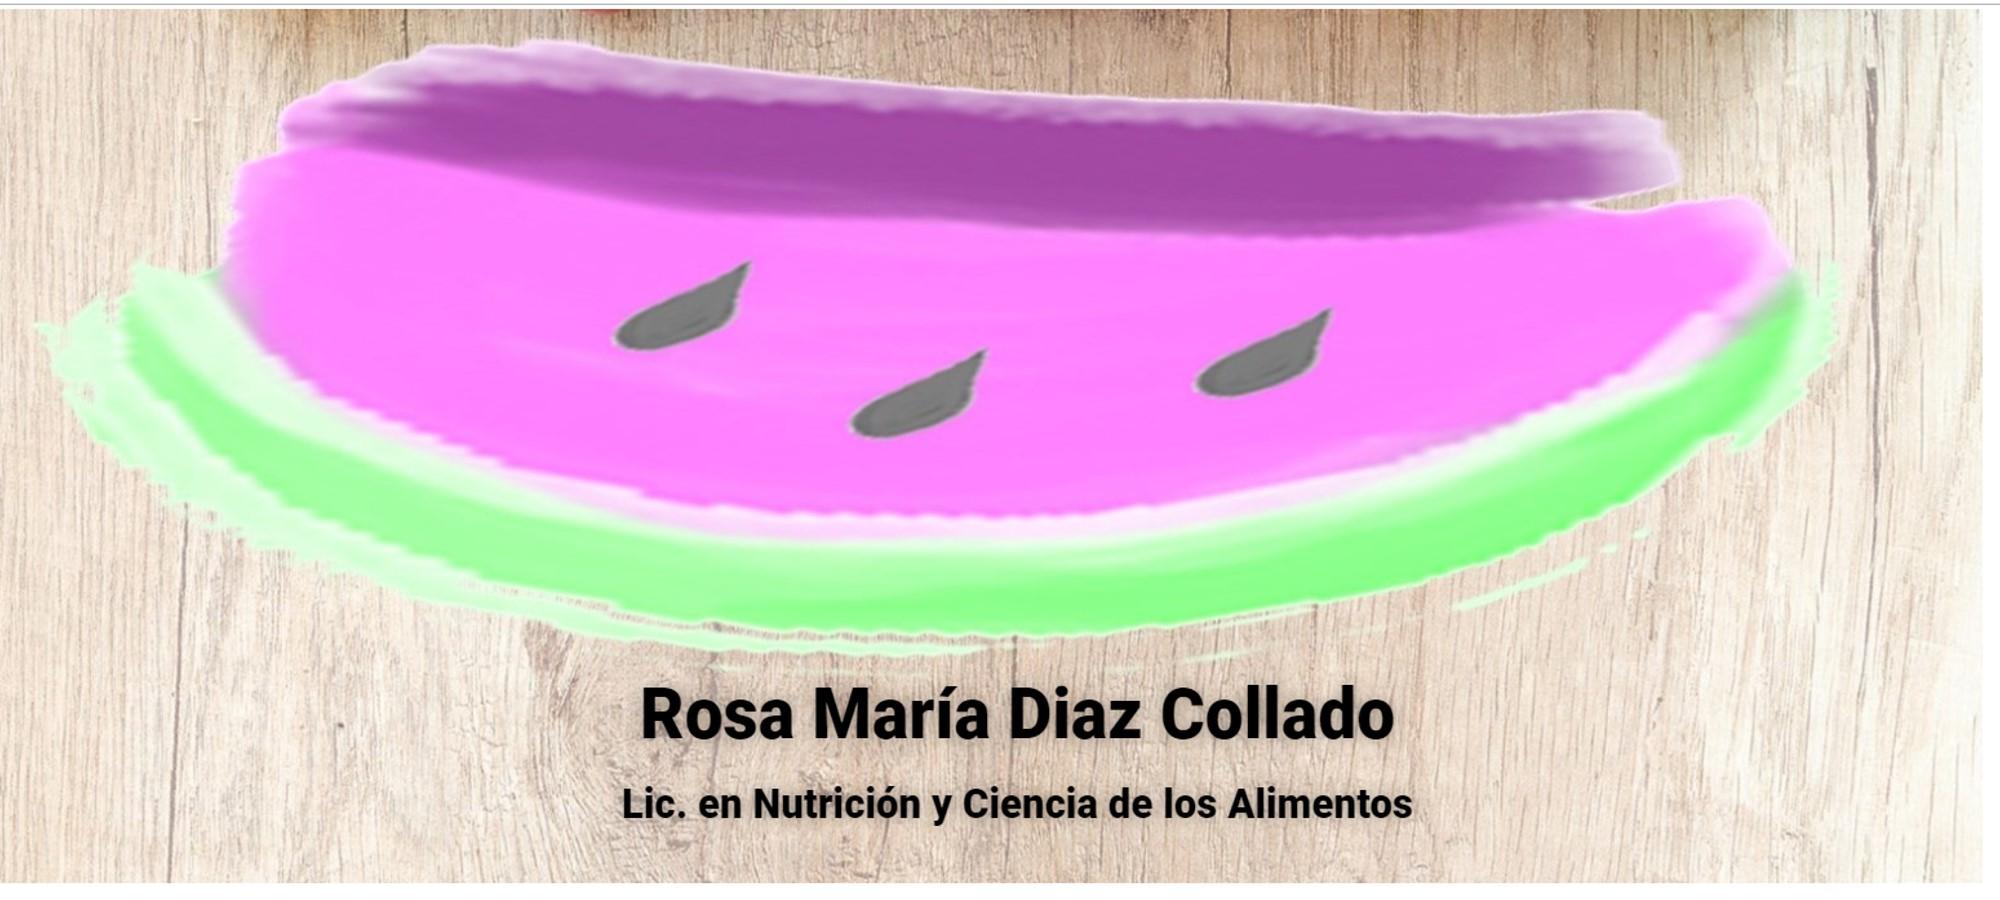 https://saludenlinea.com.mx/l-n-rosa-maria-diaz-collado/